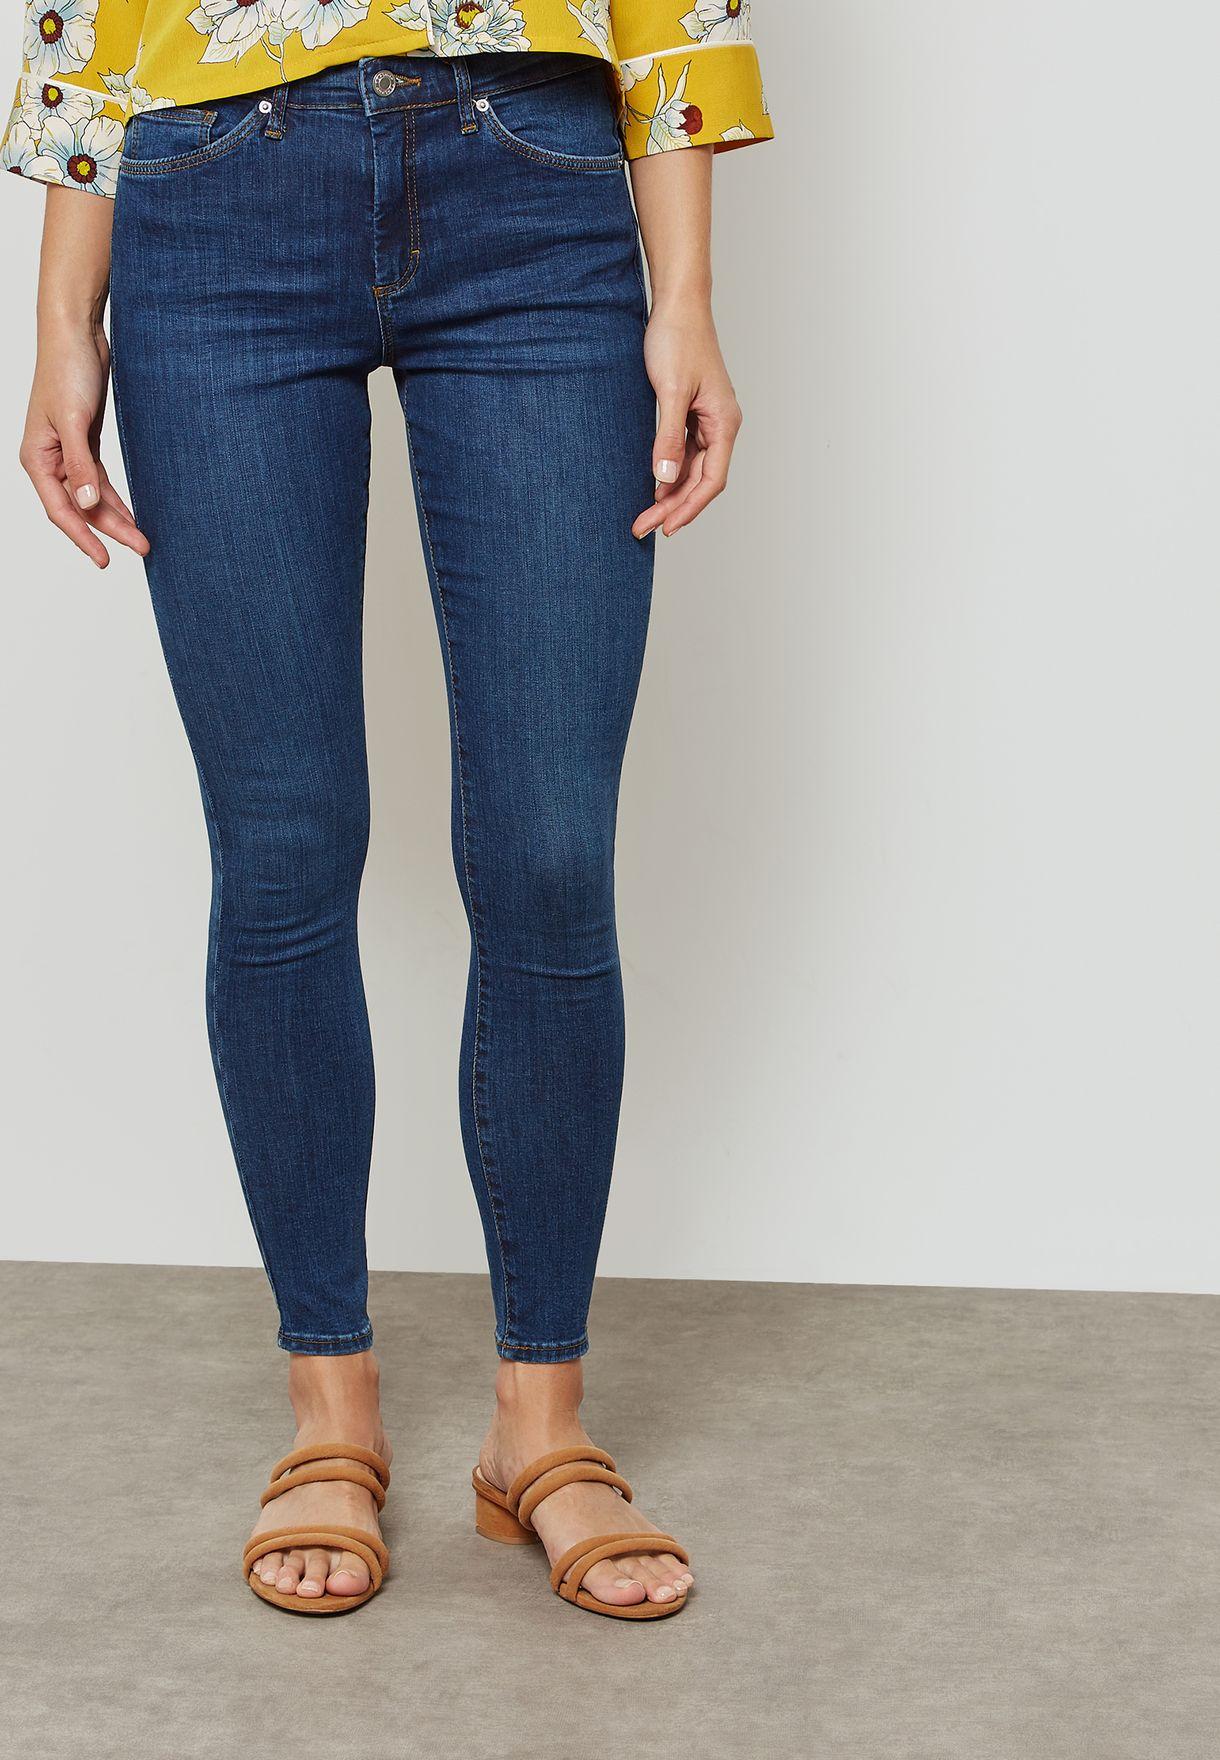 bbb38e5af Shop Topshop blue MOTO Sidney Super Stretch Mid Rise Skinny Jeans ...